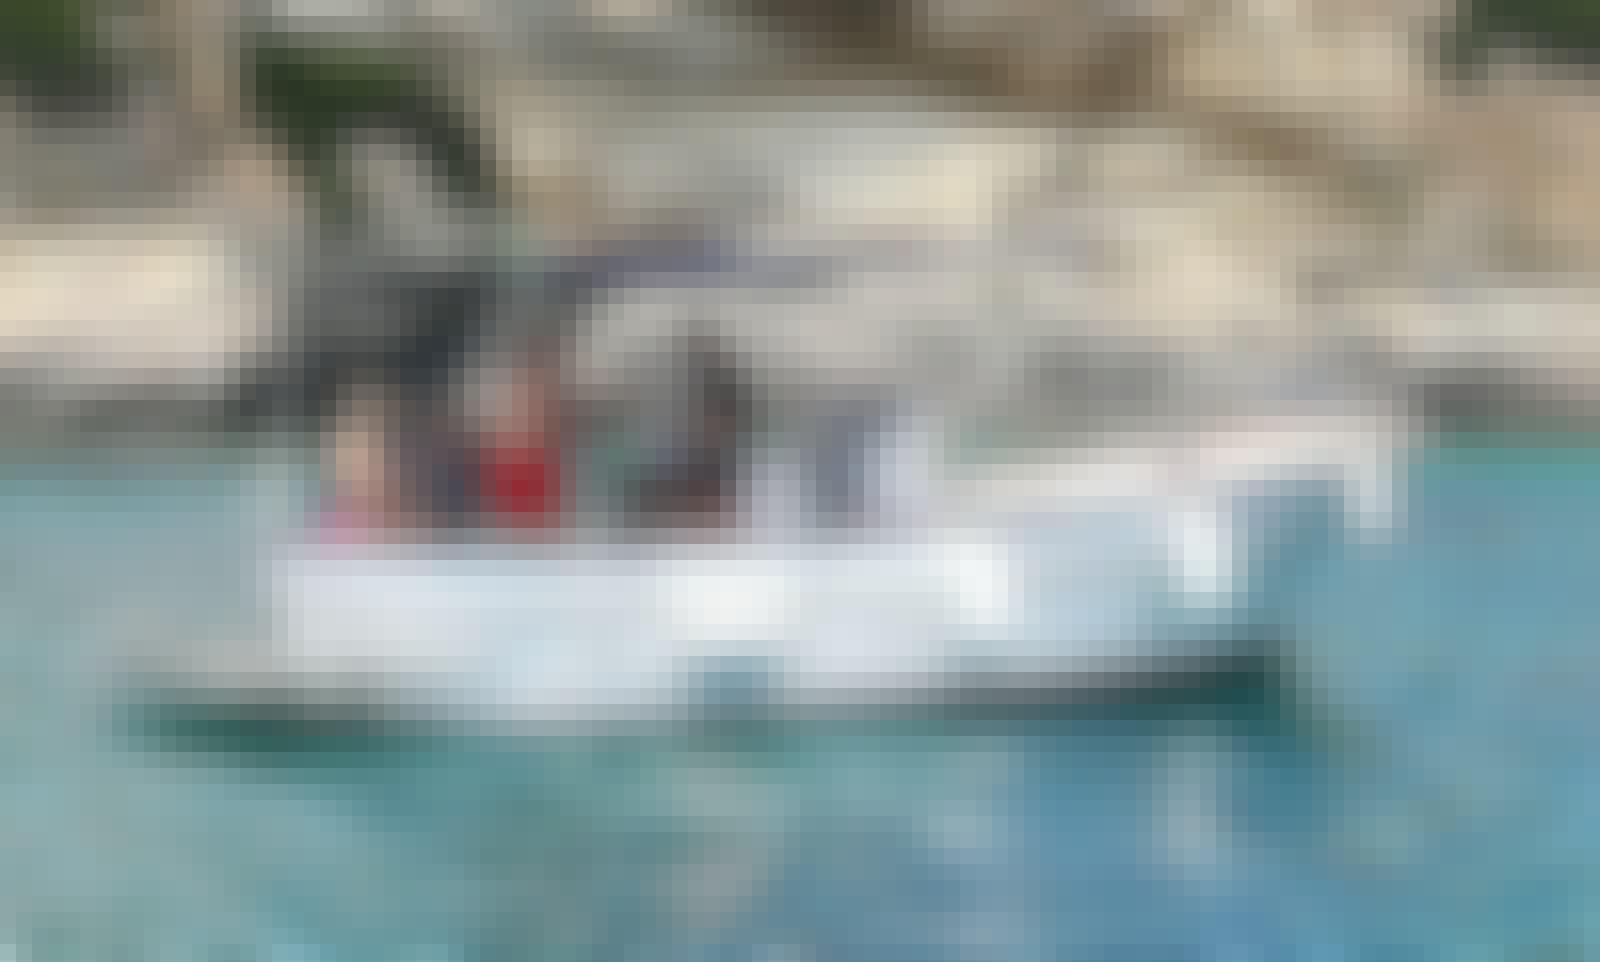 Gozzo in vtr m.8,20 per 12 pax con skipper da noleggiare a Castro marina, noleggio Durlindana.